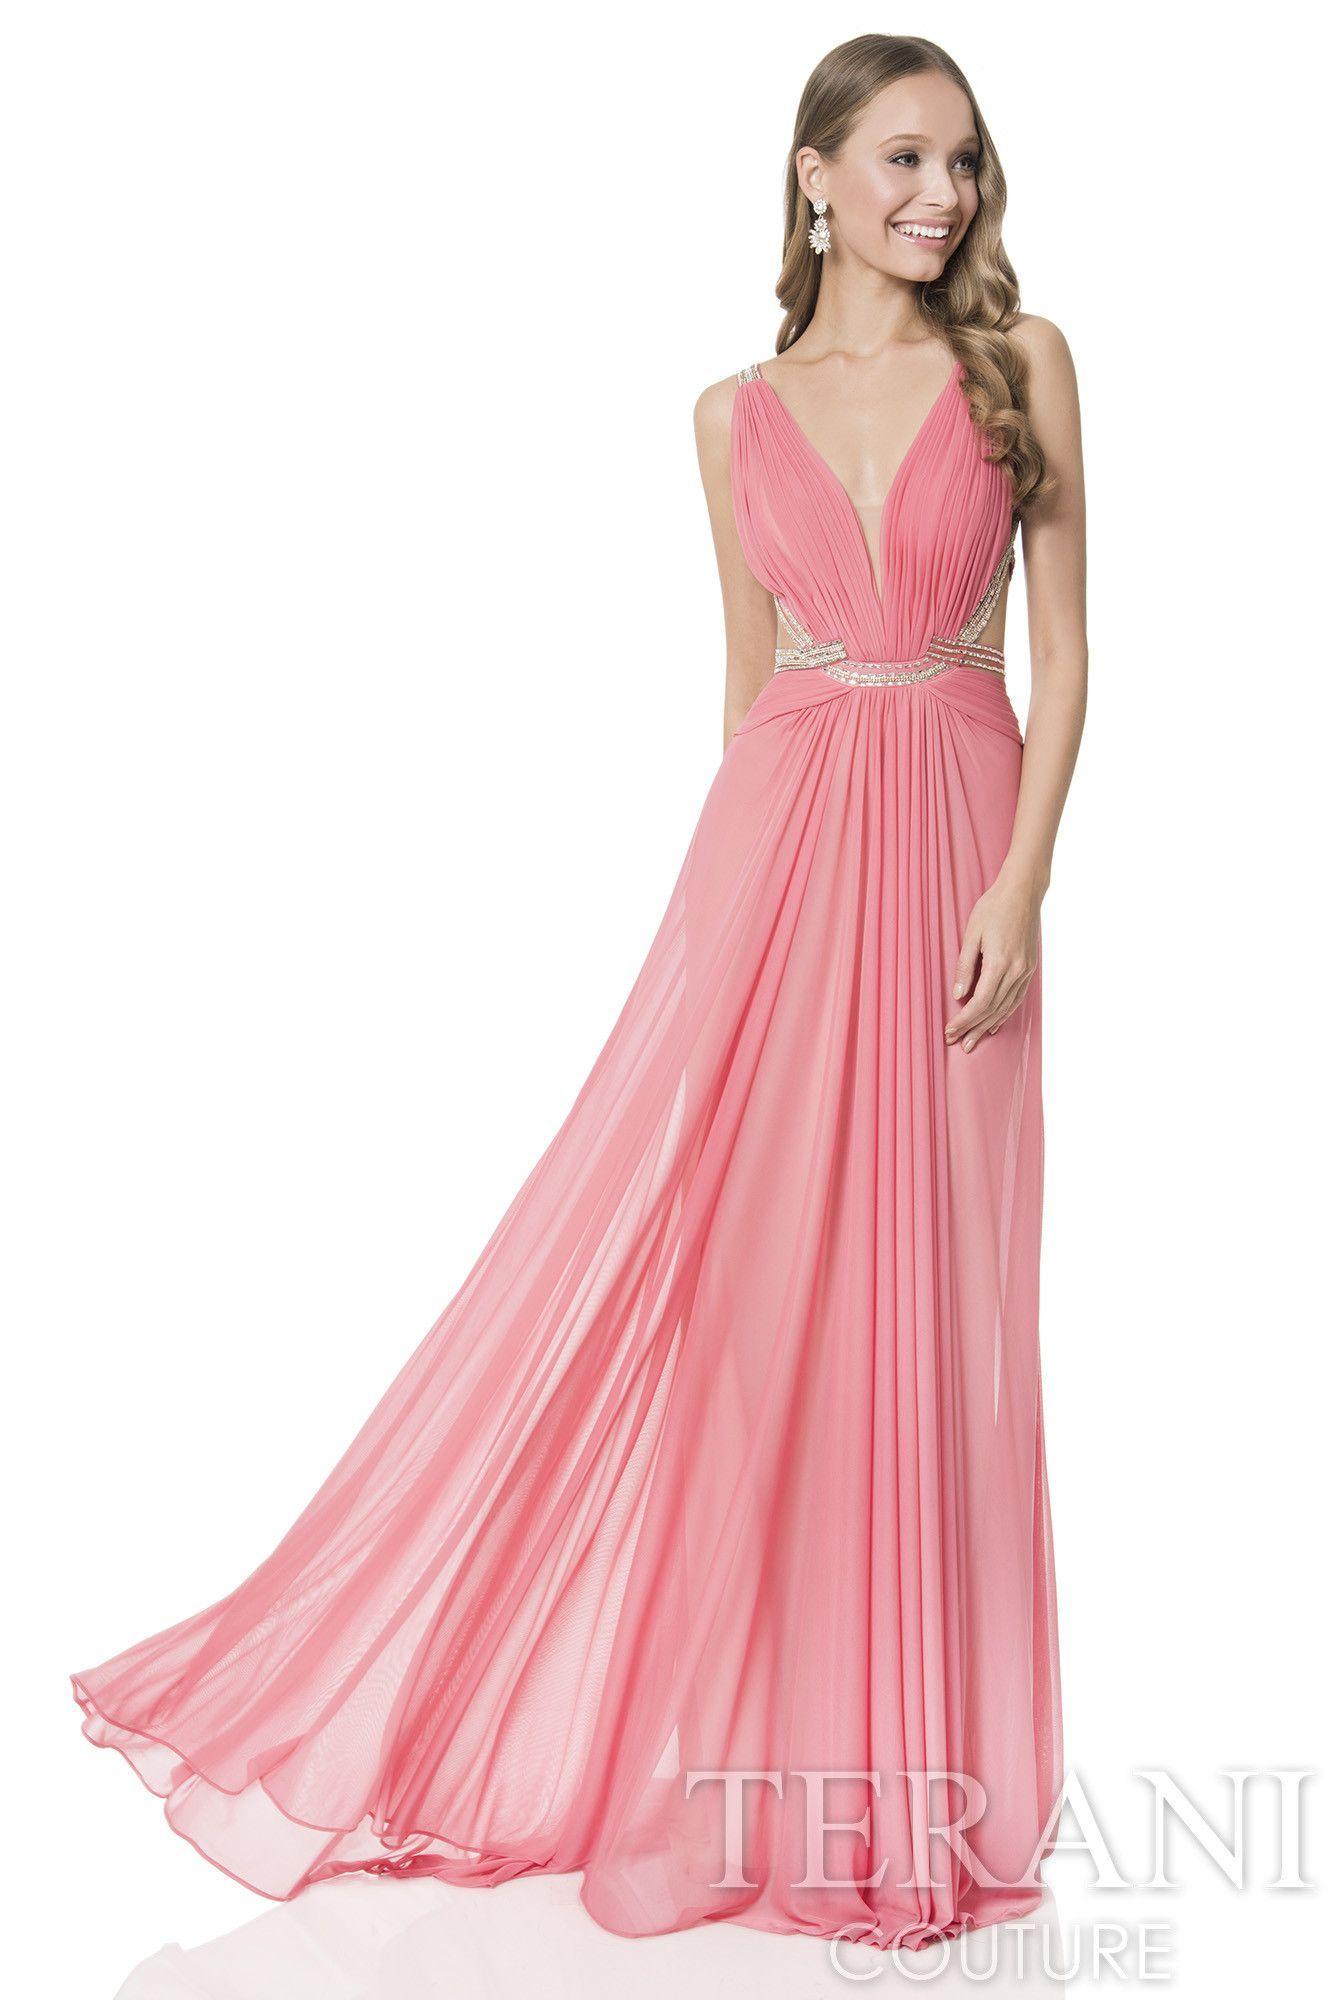 Lujoso Vestidos De Fiesta En Murfreesboro Tn Ornamento - Colección ...